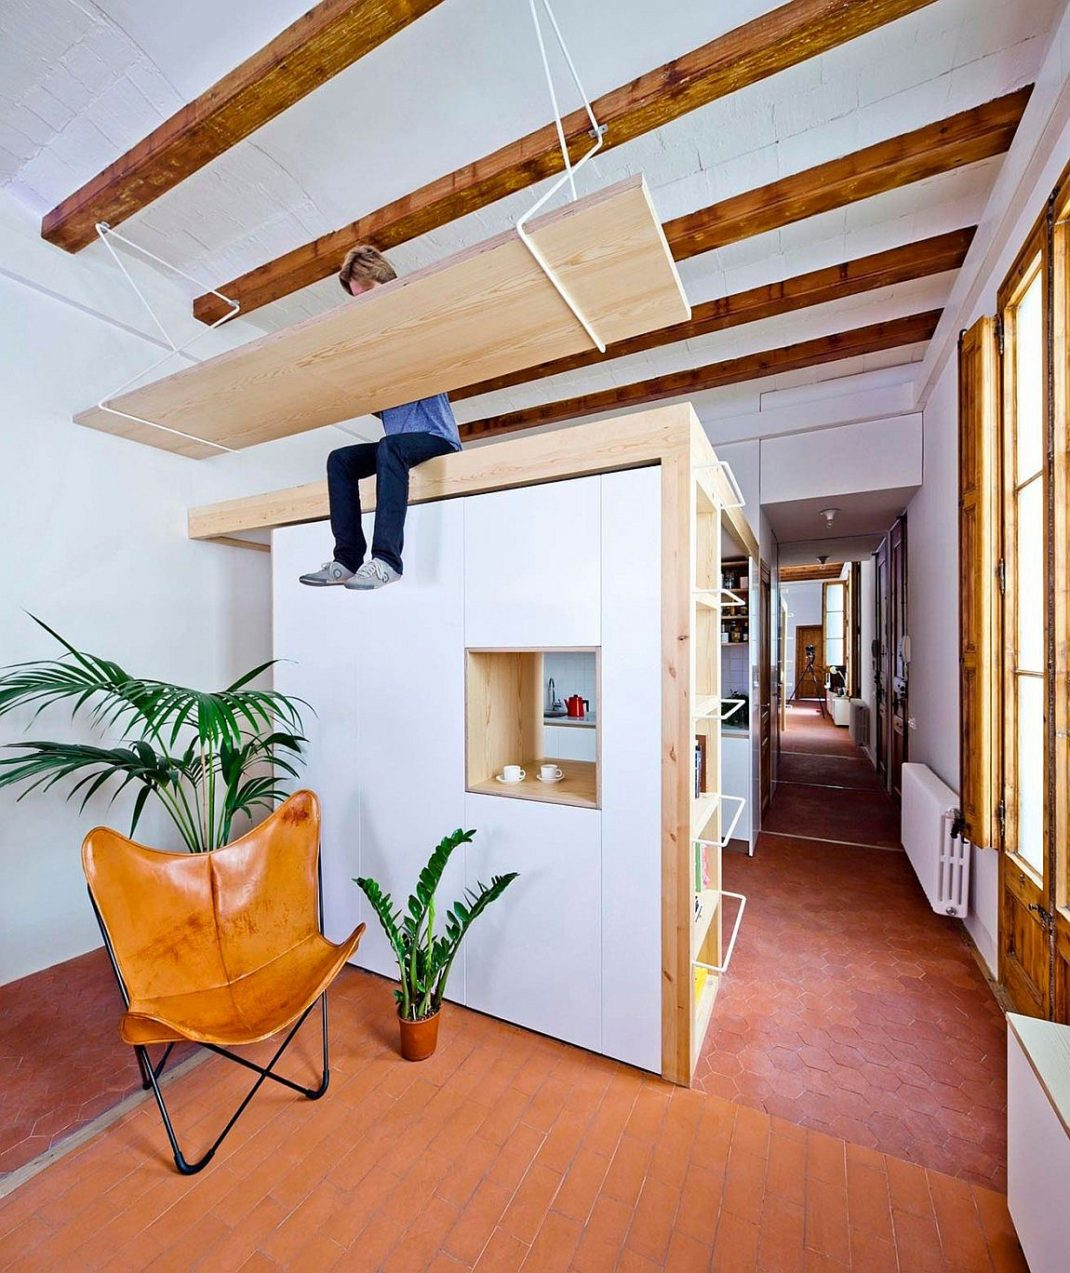 50 id es d co pour gagner de la place dans votre int rieur. Black Bedroom Furniture Sets. Home Design Ideas